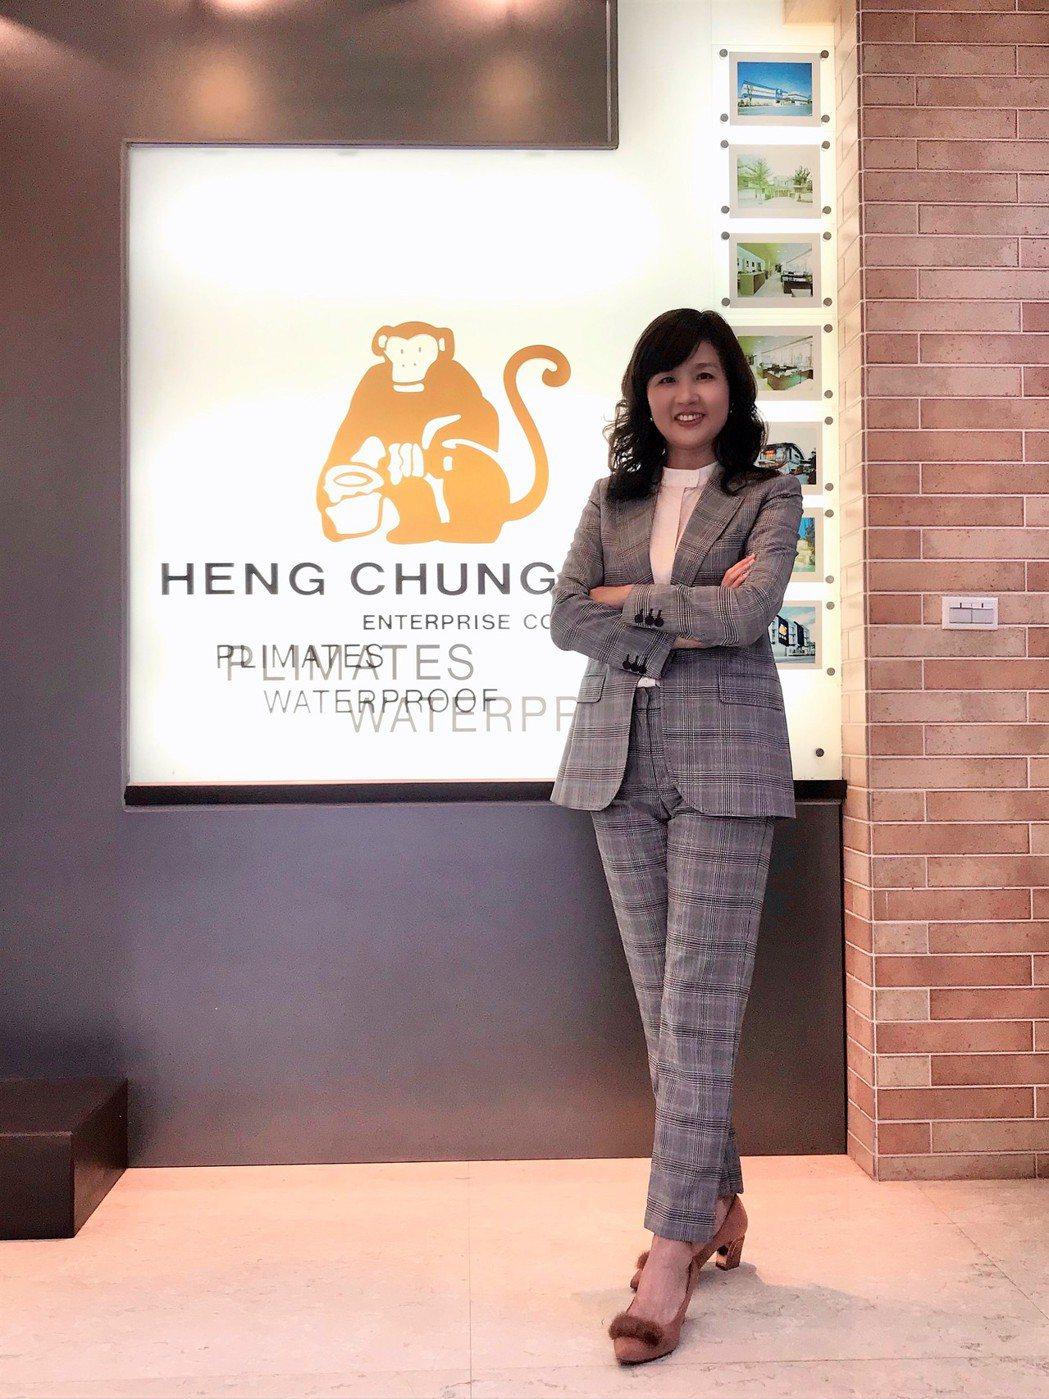 張繼華說明,丈夫林建宏創業前曾到東南亞視察,在印尼猴子是神聖的表徵,因此公司品牌...